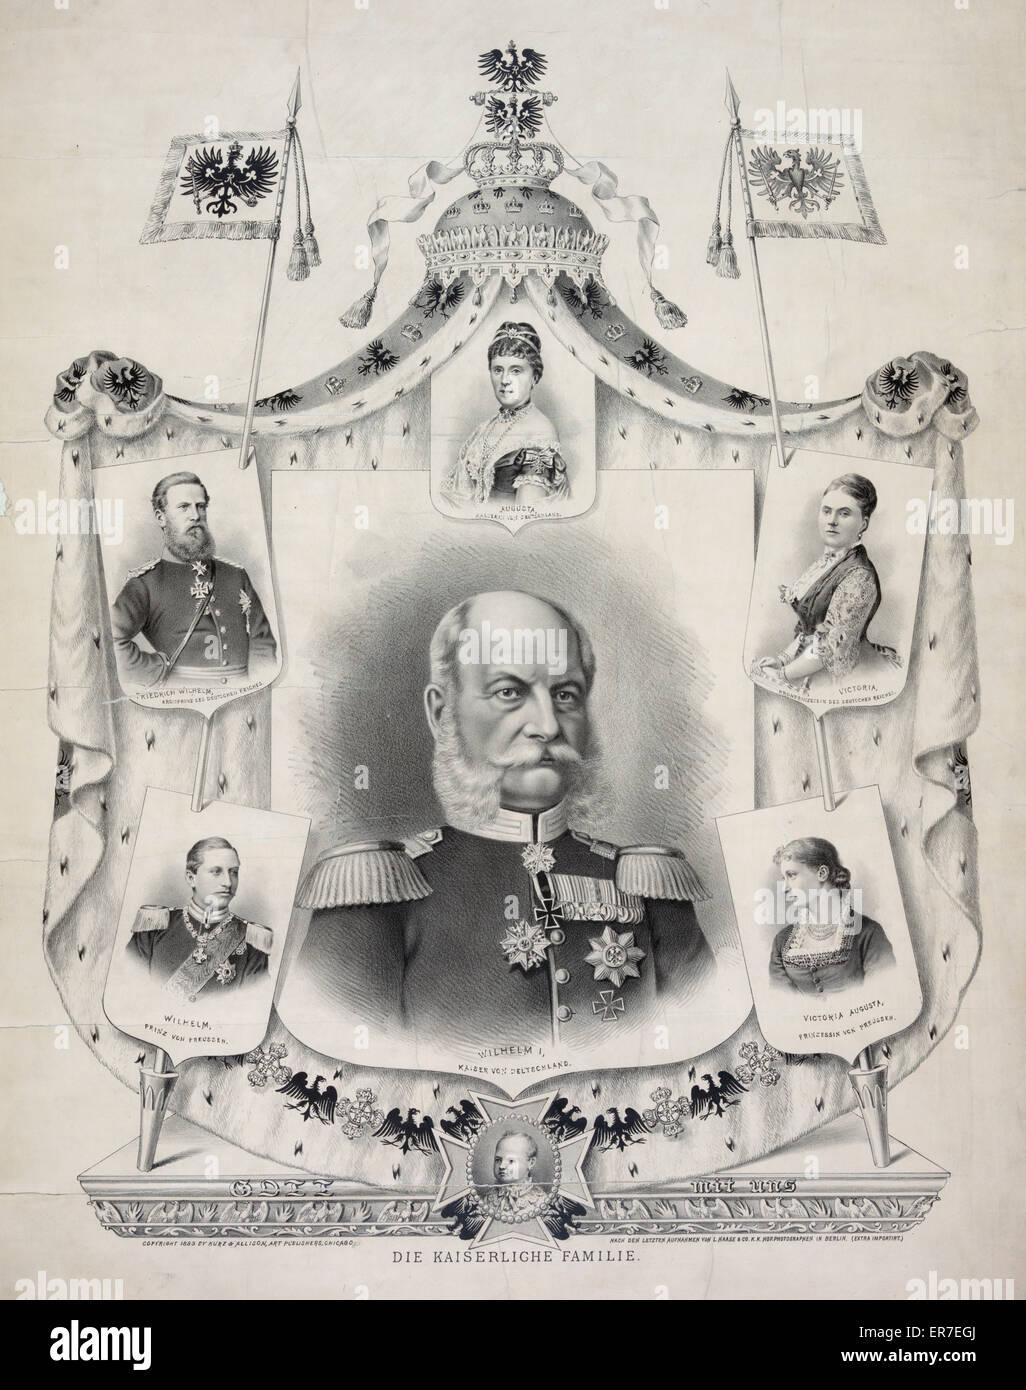 Die Kaiserliche Familie. - Stock Image